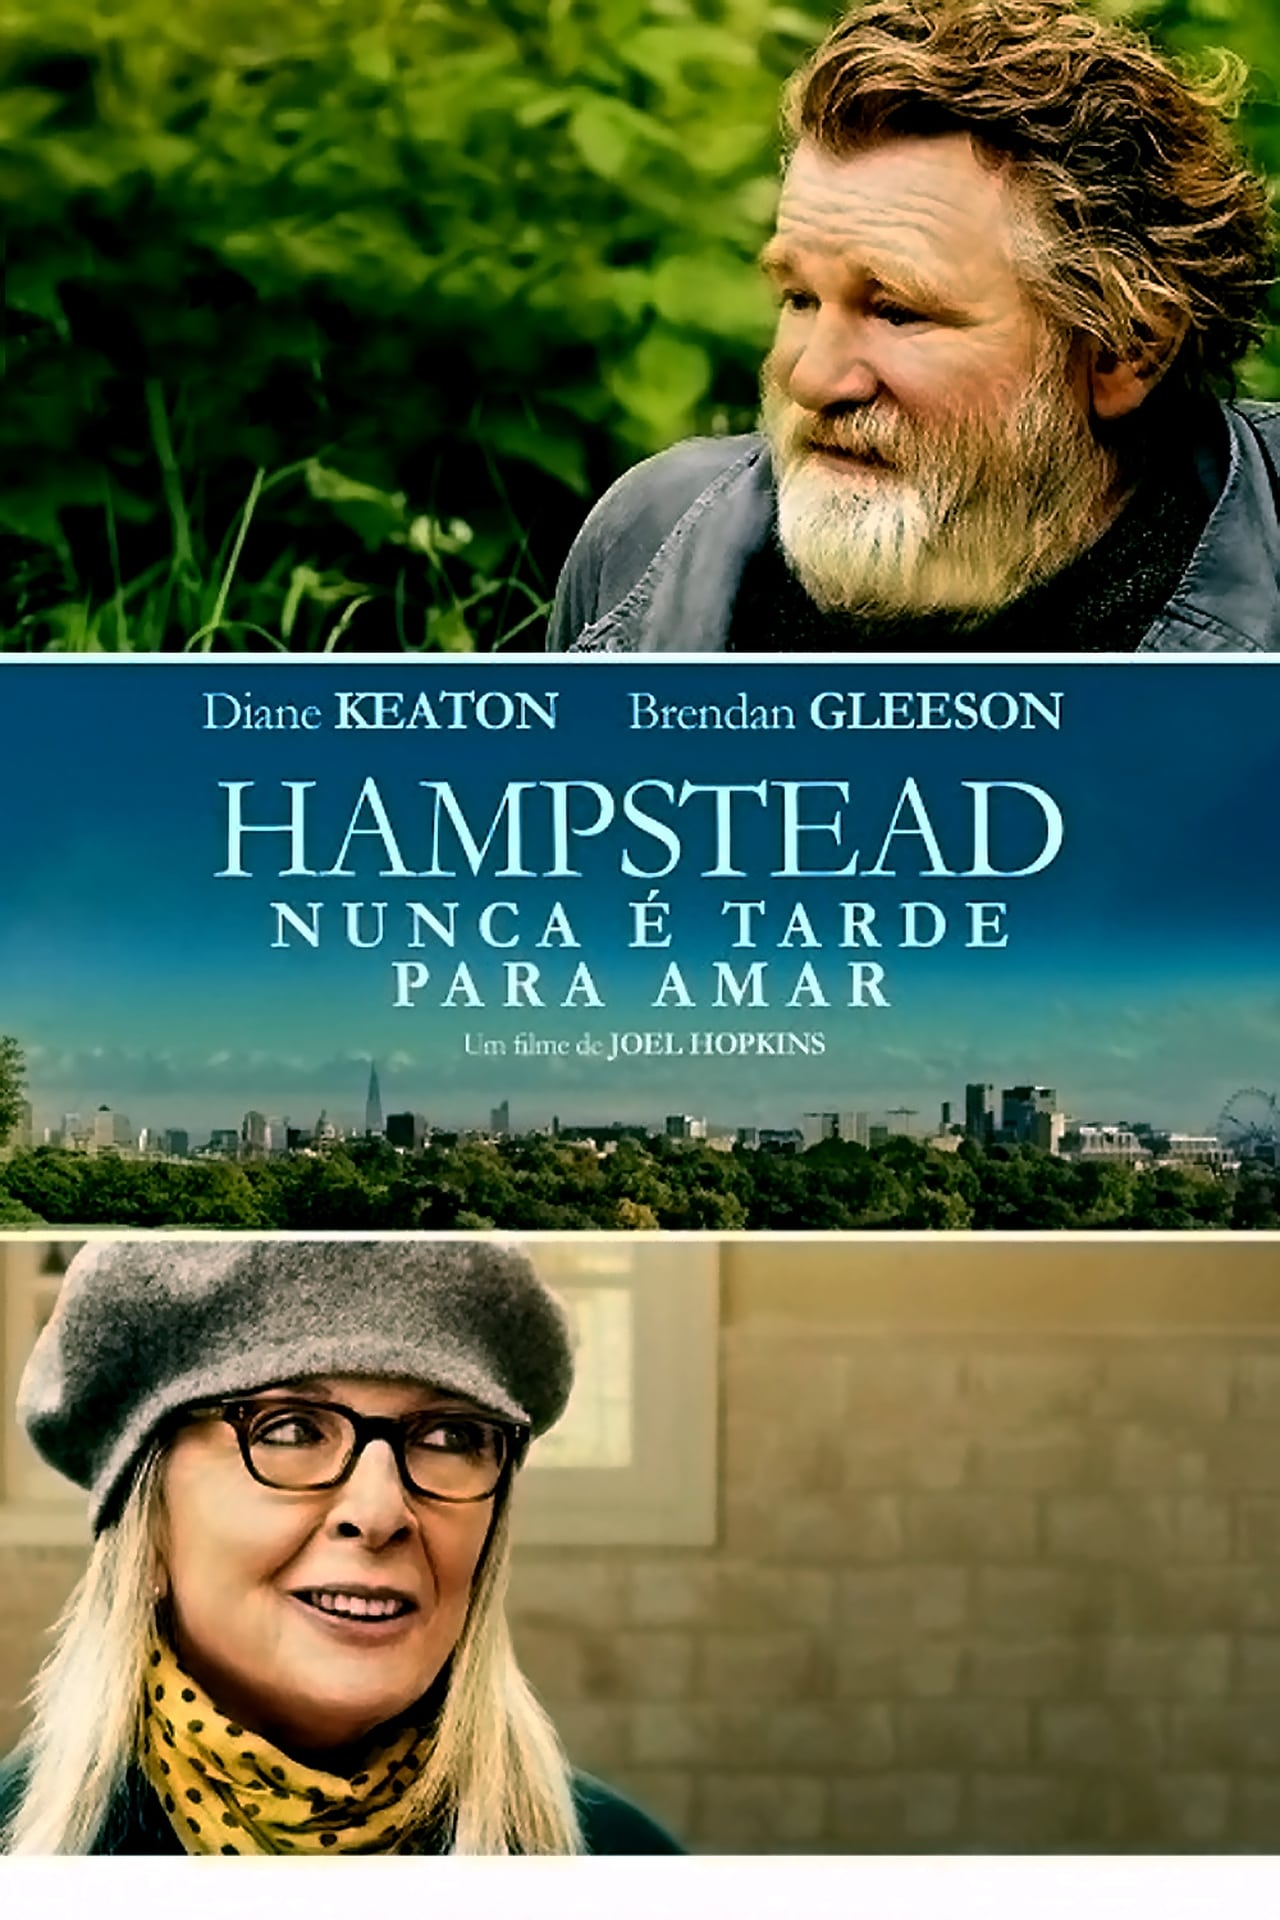 Hampstead Film